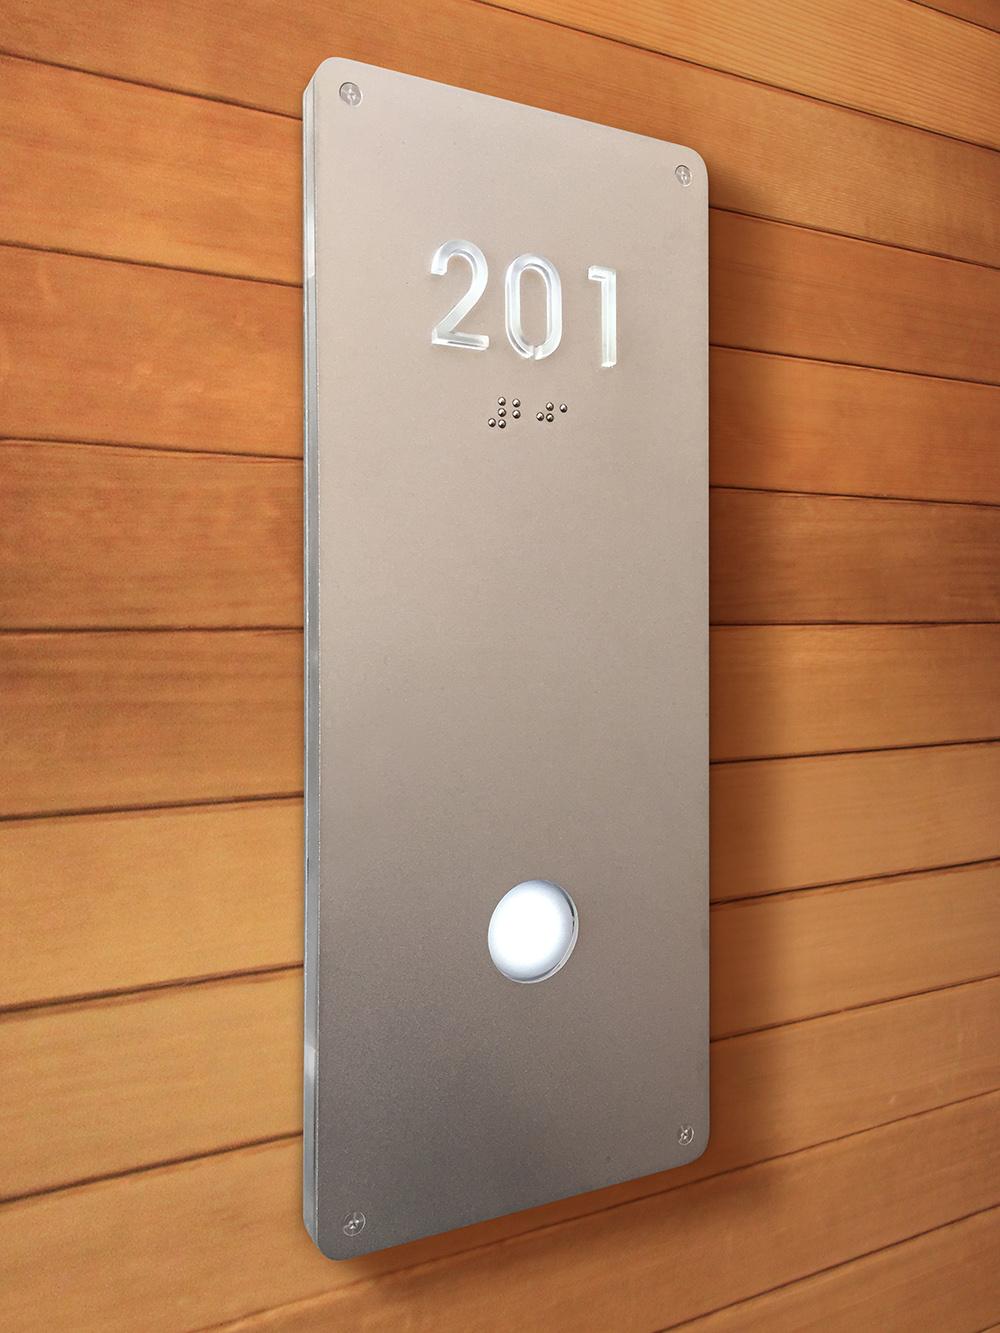 16 Volt Doorbell Transformer Home Depot